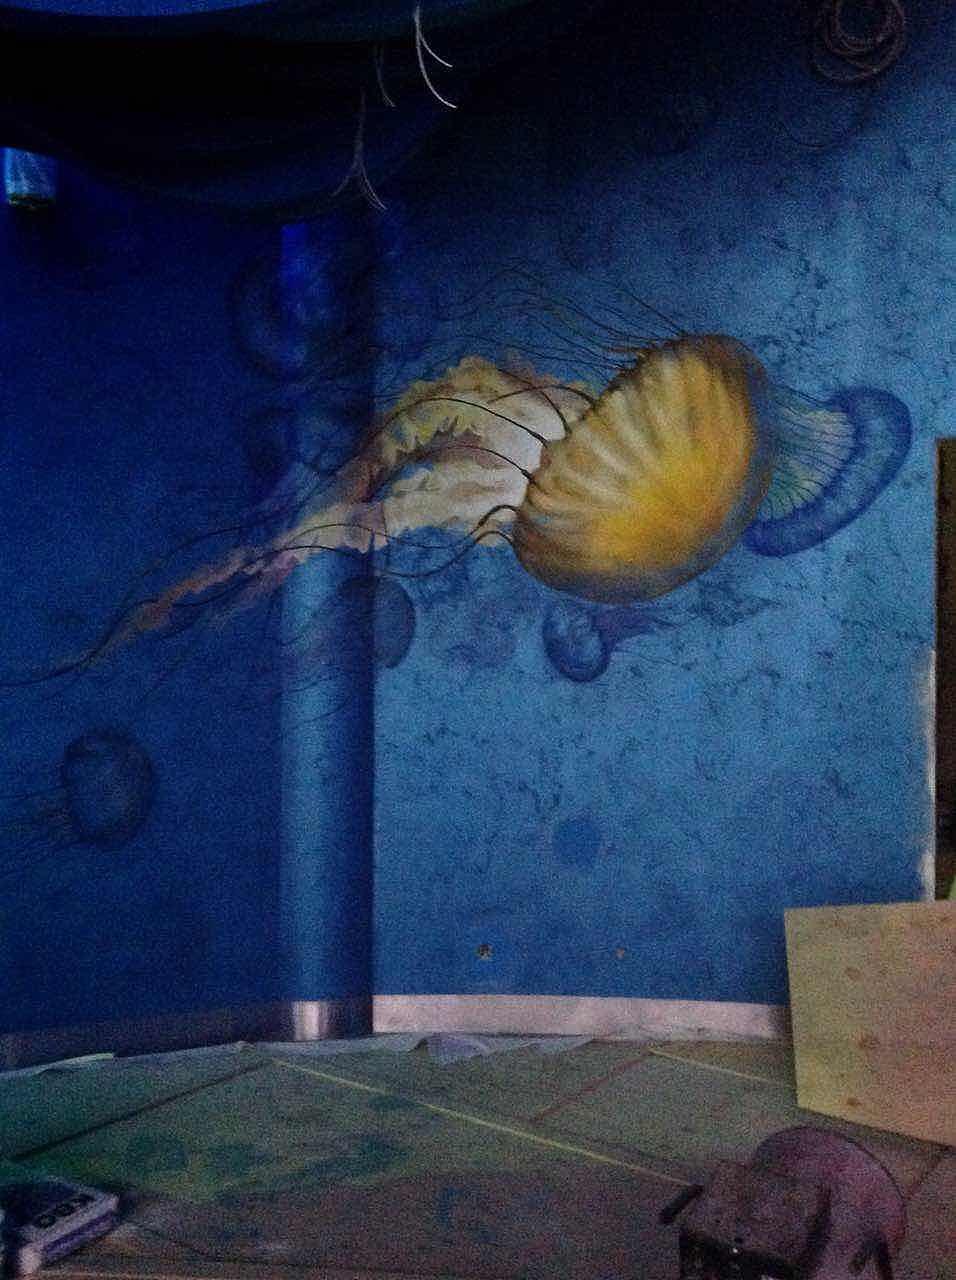 海底世界墙体彩绘 其他 墙绘/立体画 广州3d立体画